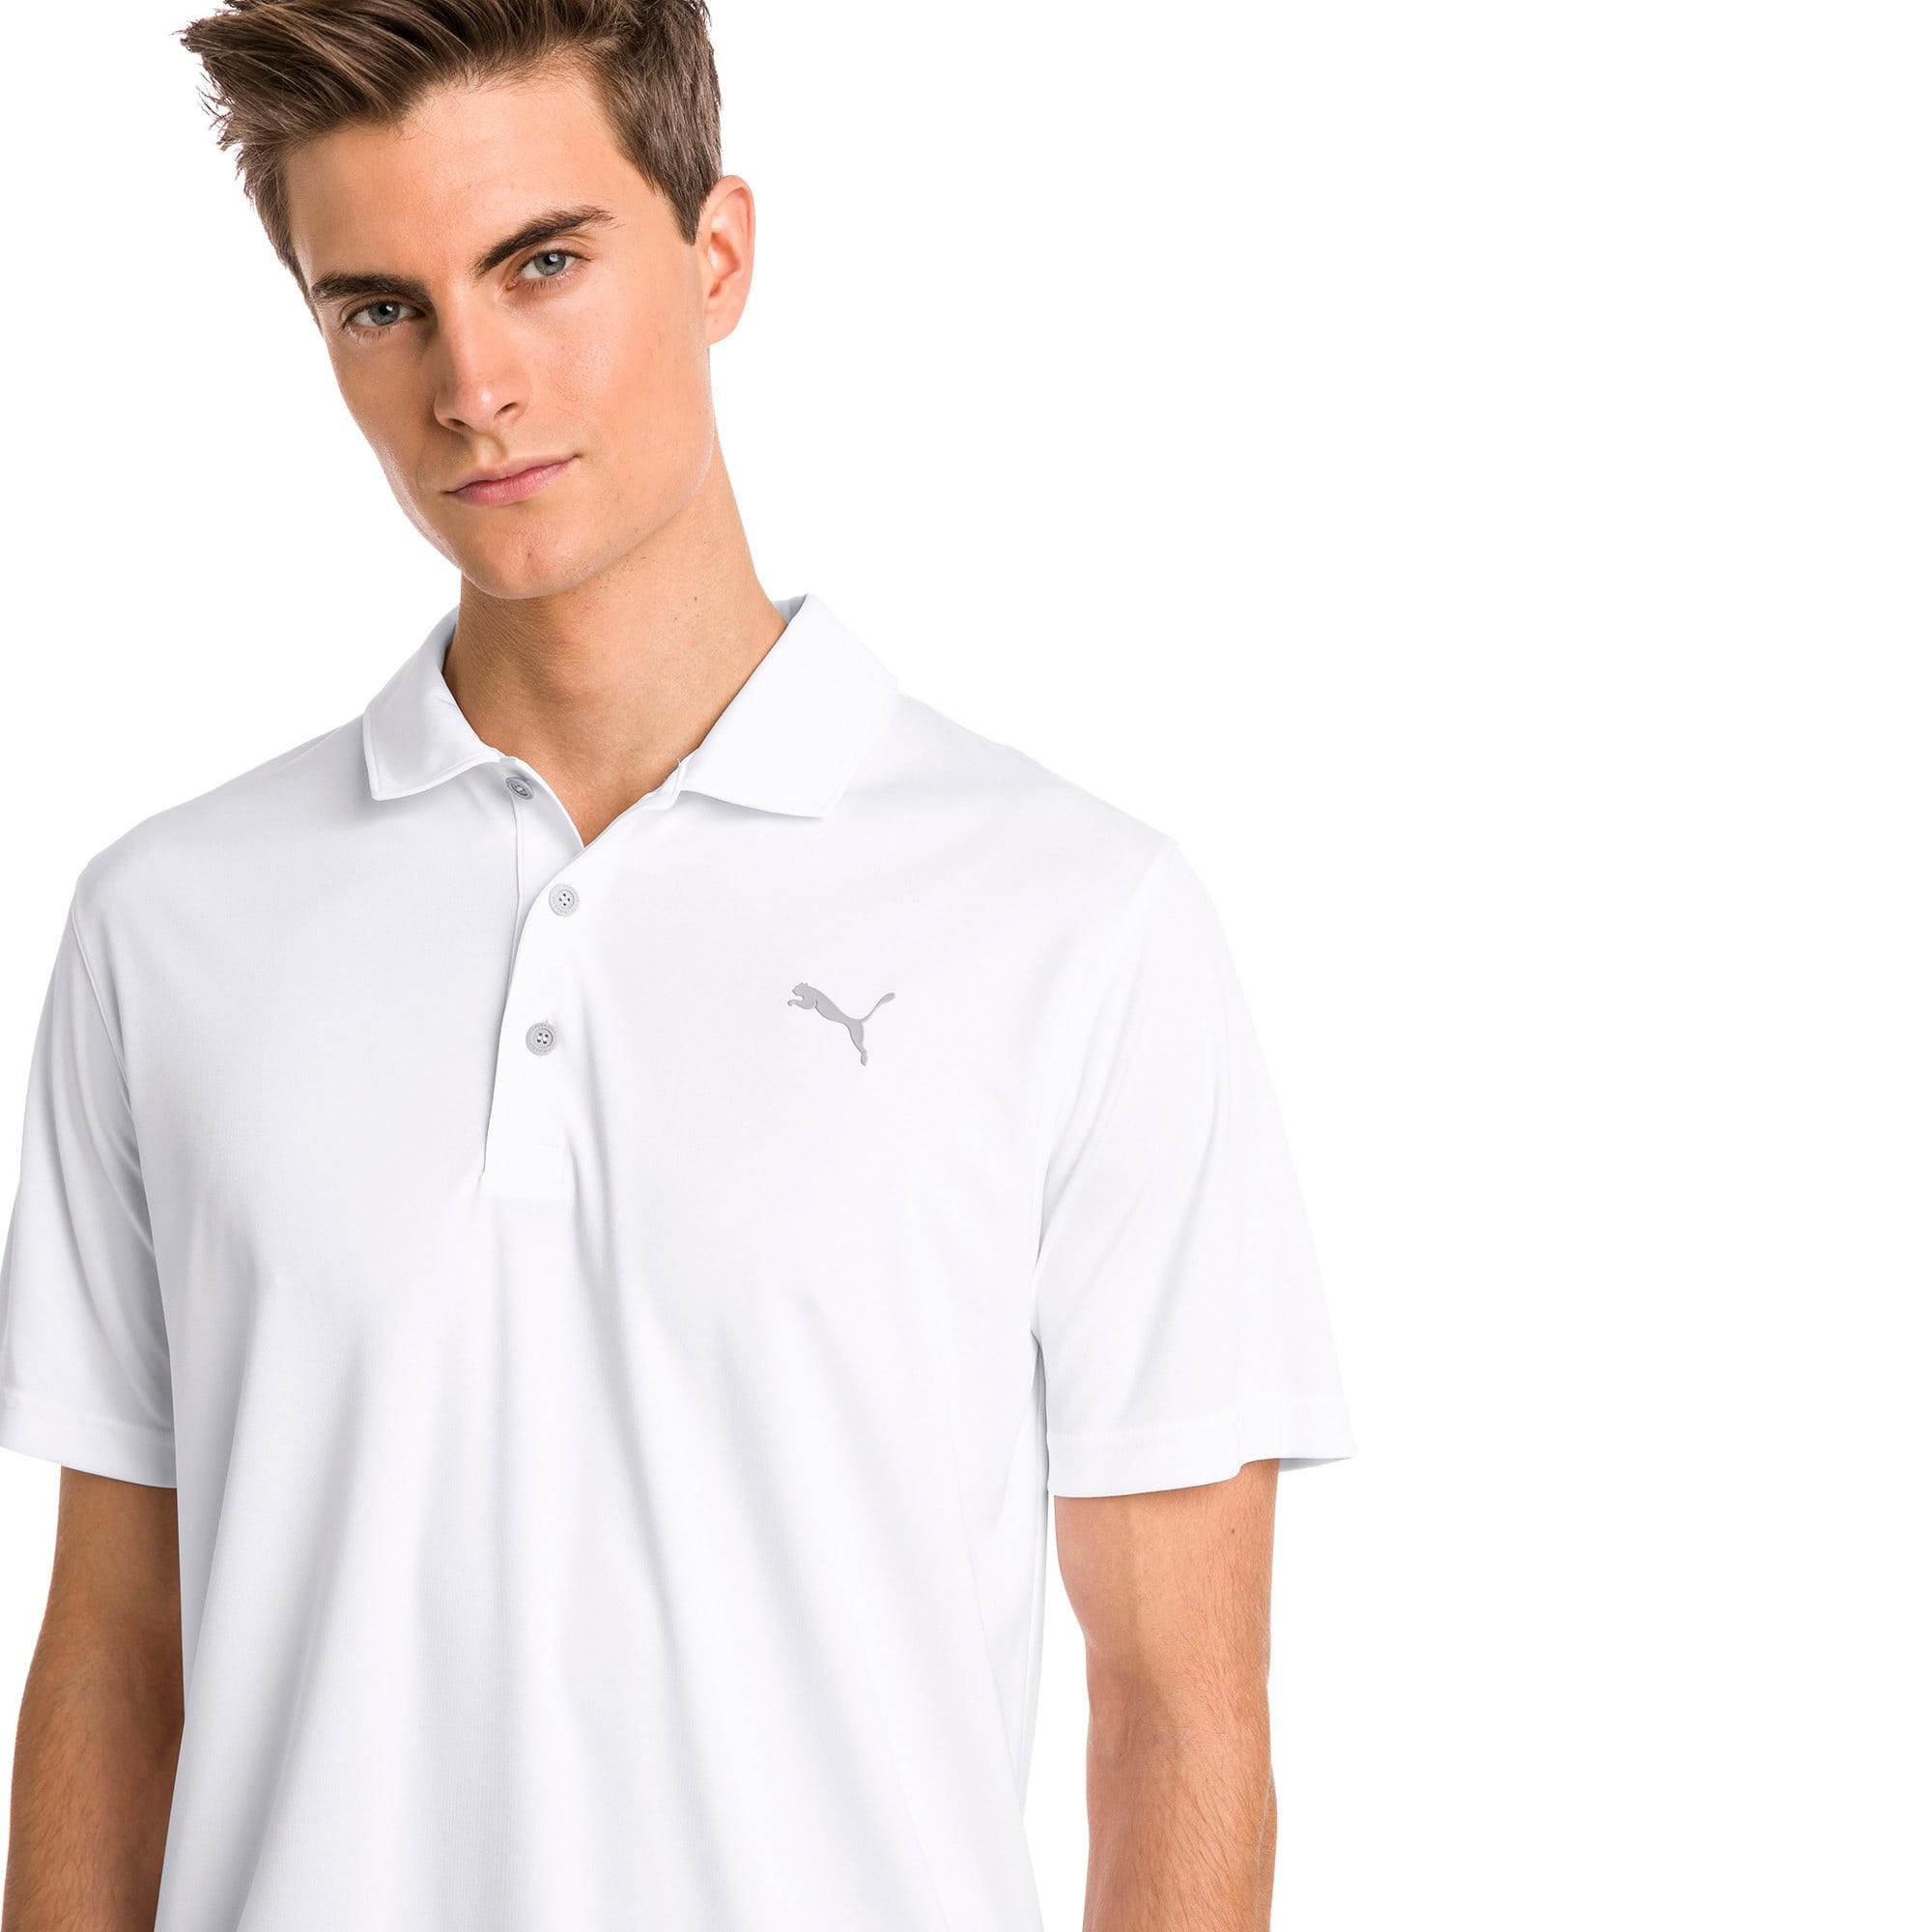 Thumbnail 1 of Polo de golf Rotation pour homme, Bright White, medium